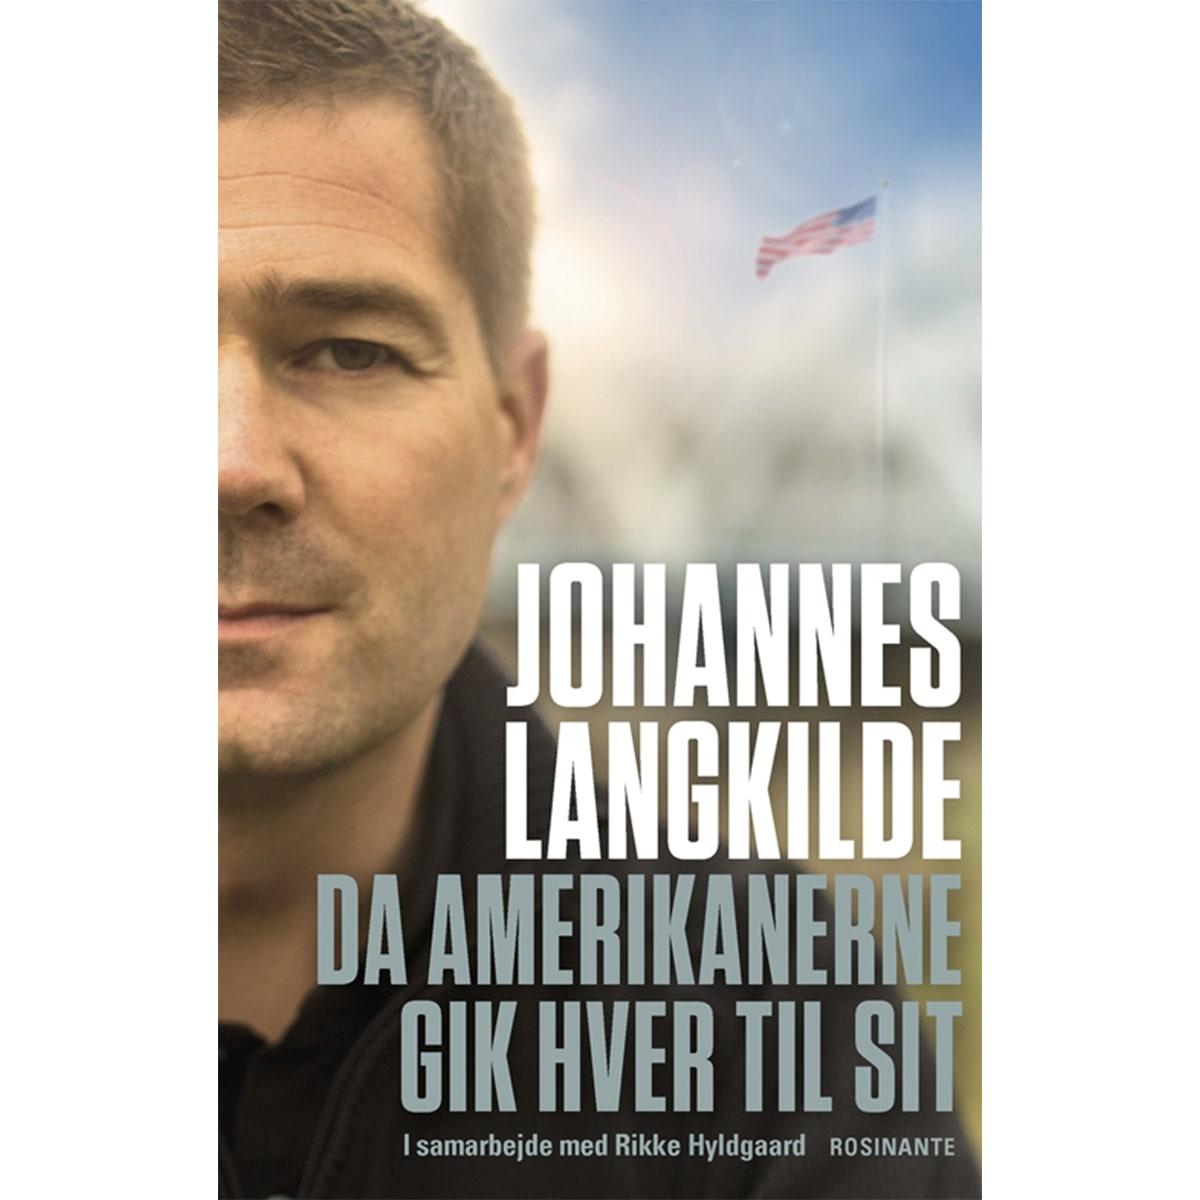 Af Johannes Langkilde & Rikke Hyldgaard